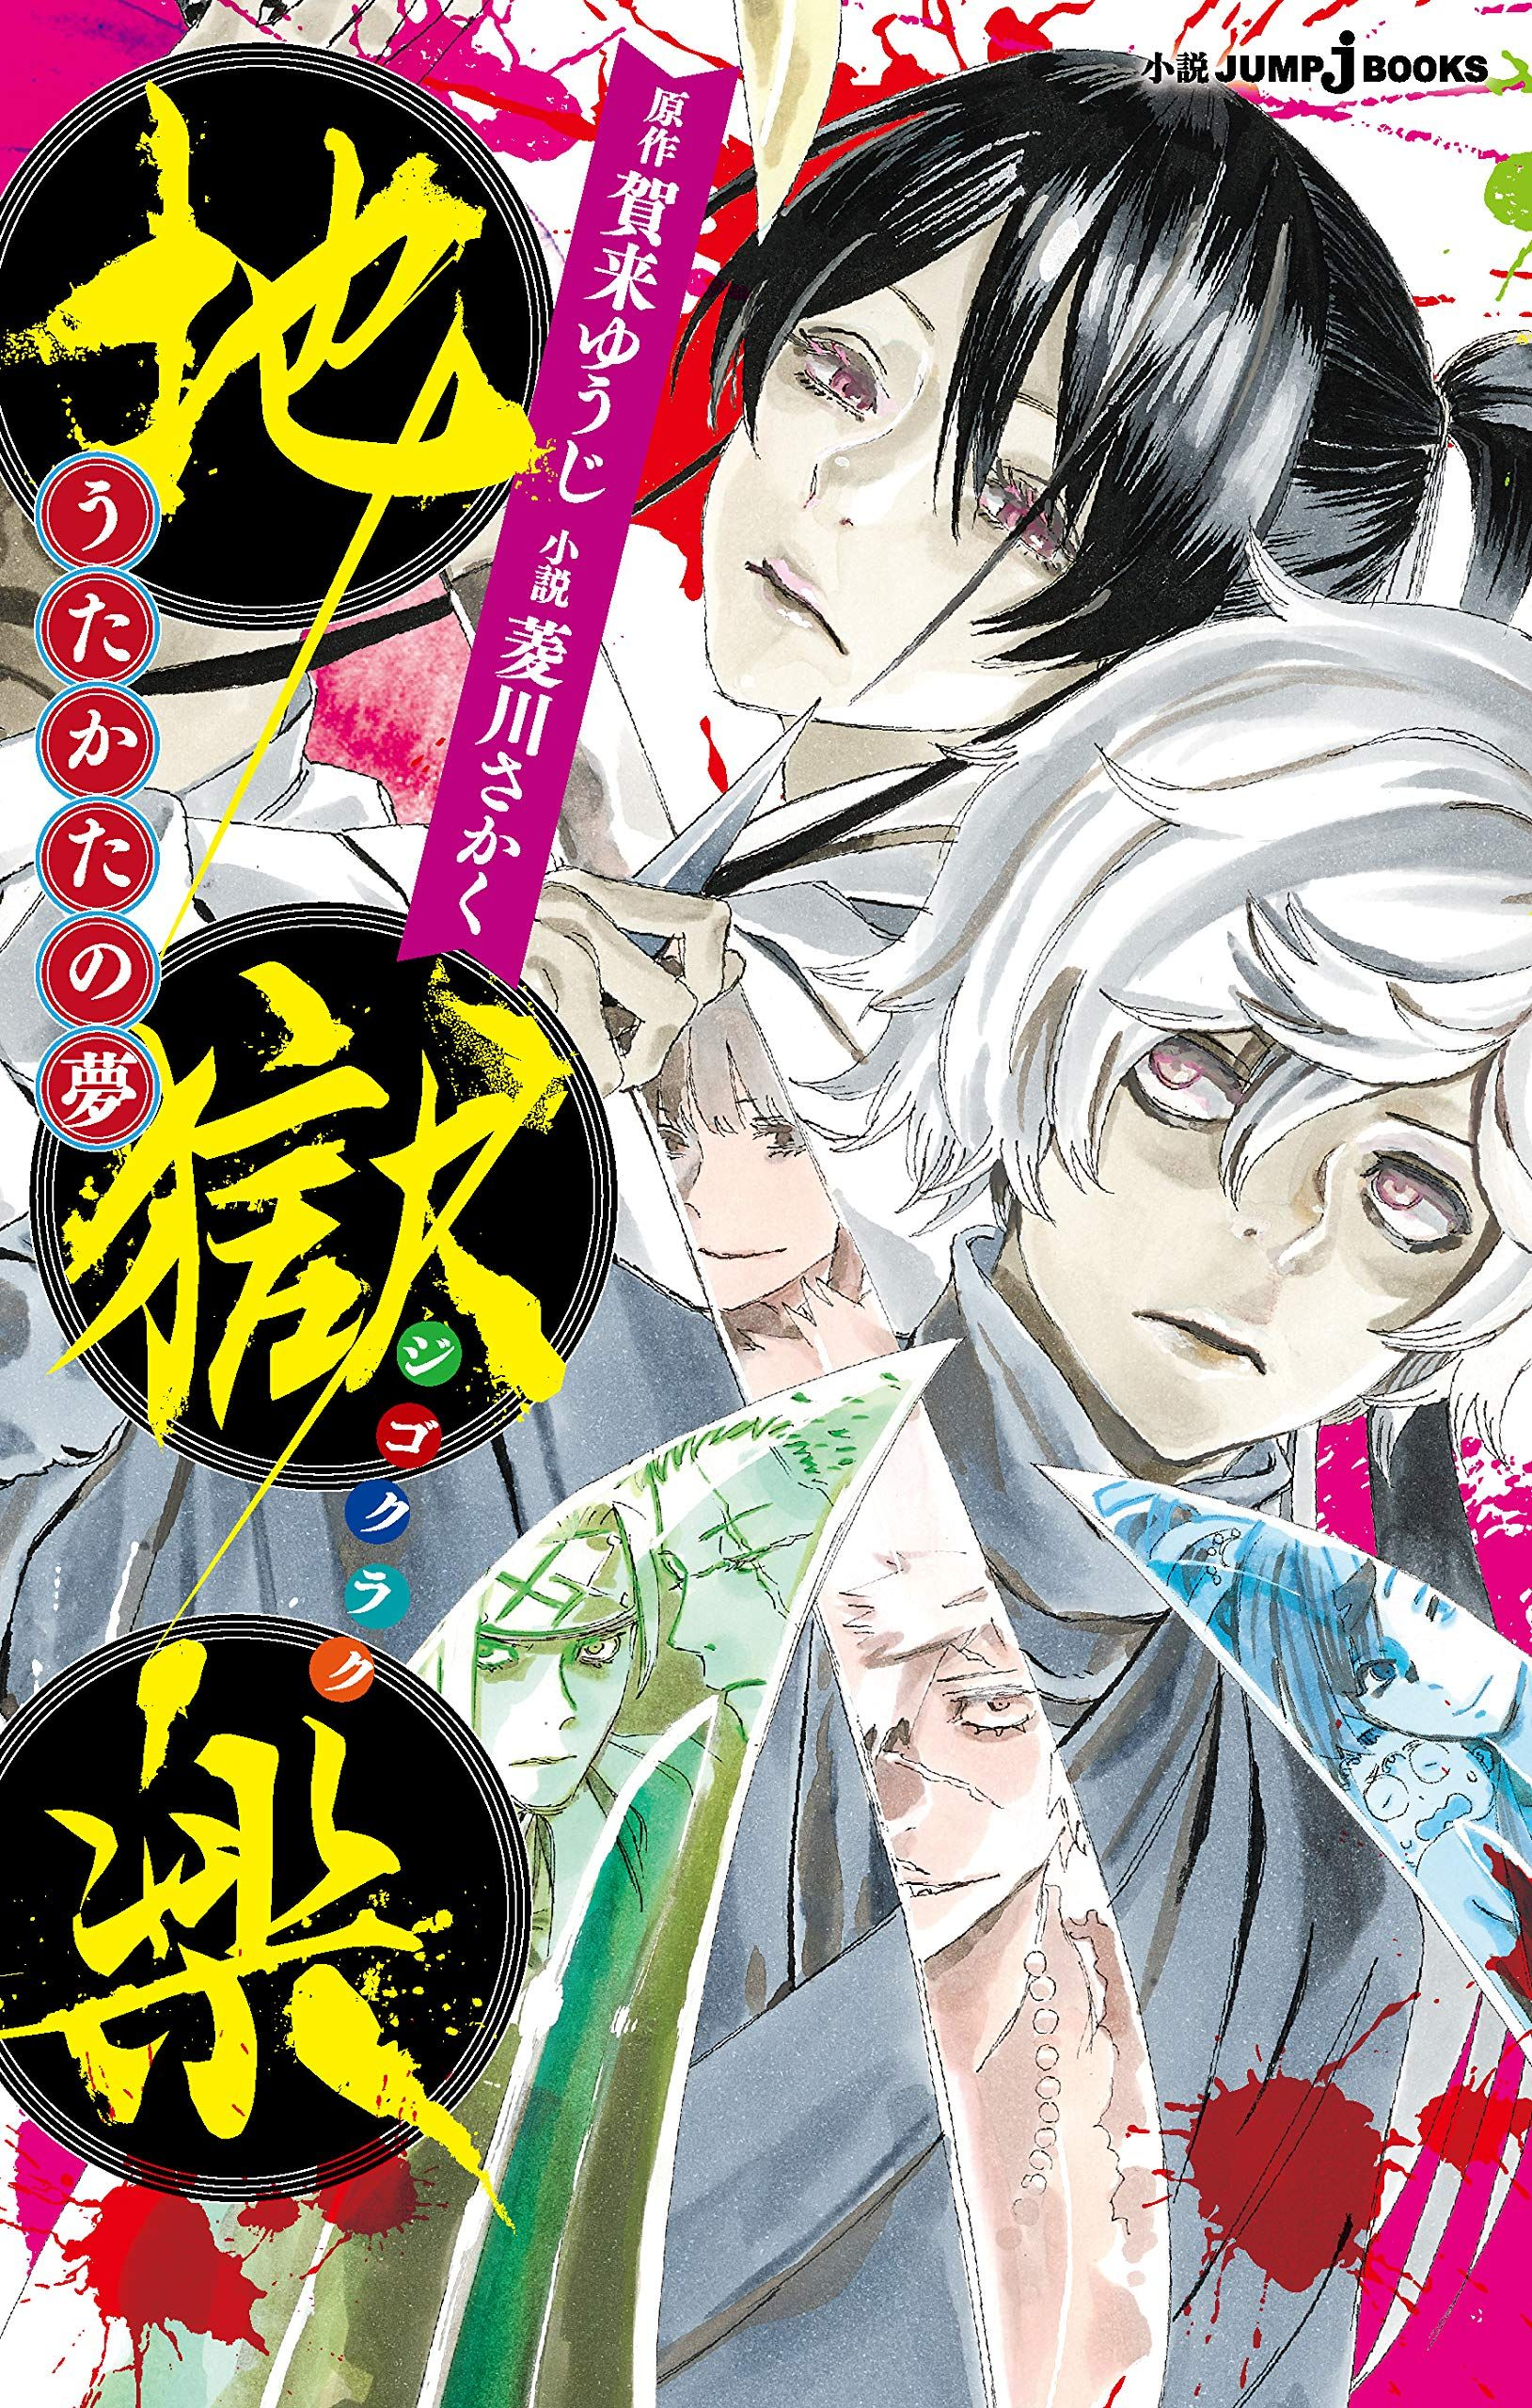 Manga - Manhwa - Jigokuraku - Utakata no Yume jp